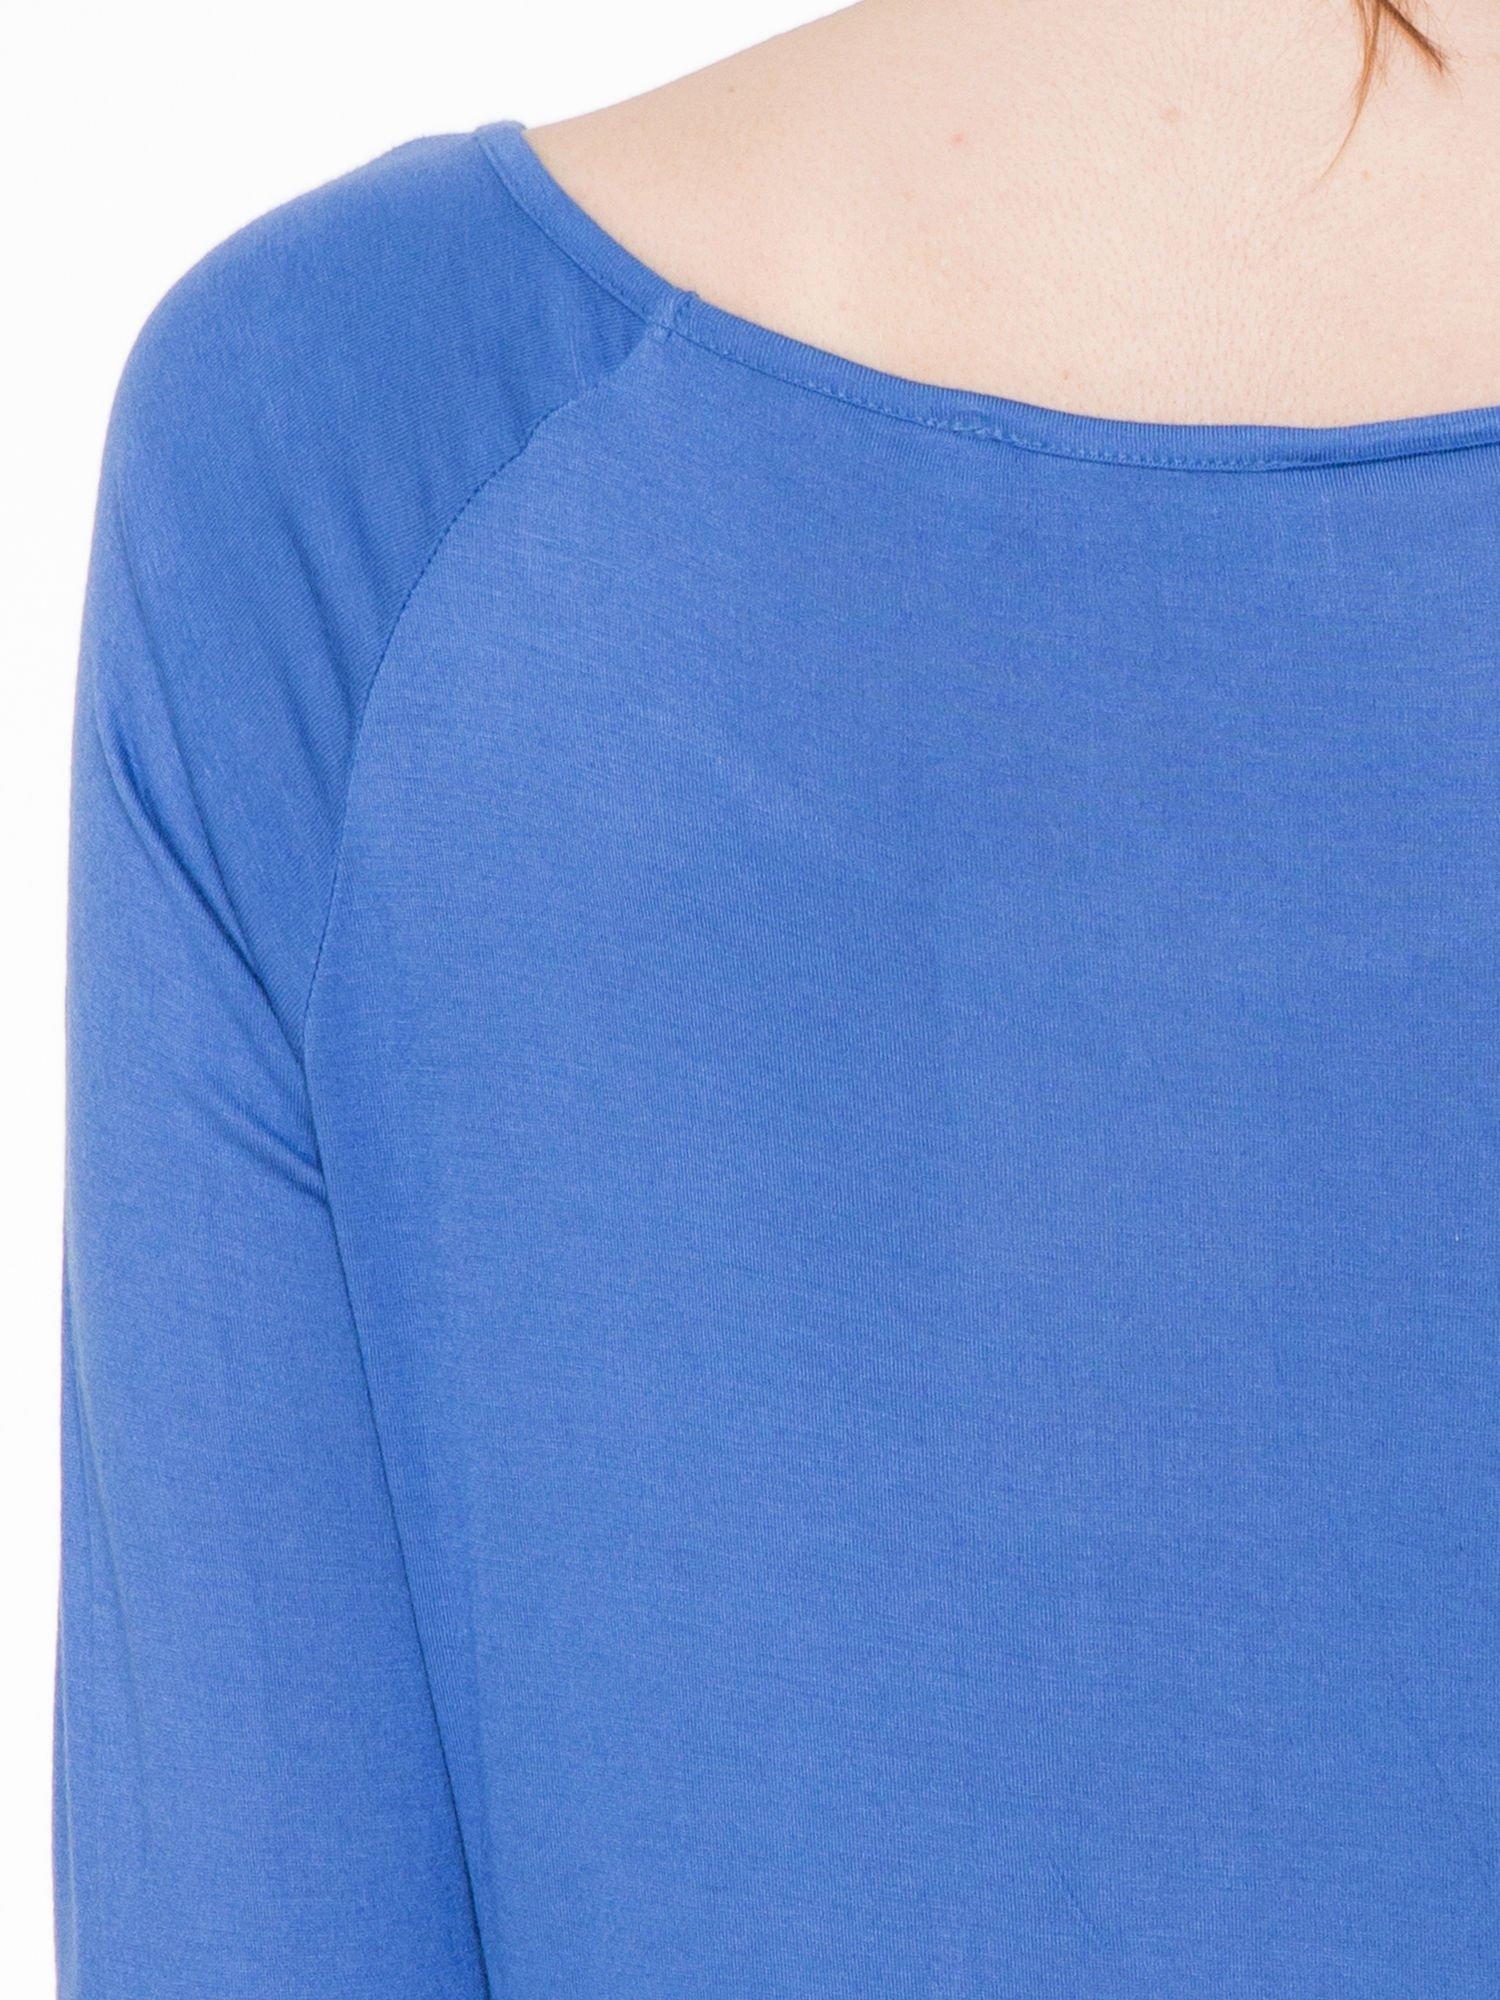 Niebieska basicowa gładka bluzka z rękawem 7/8                                  zdj.                                  5